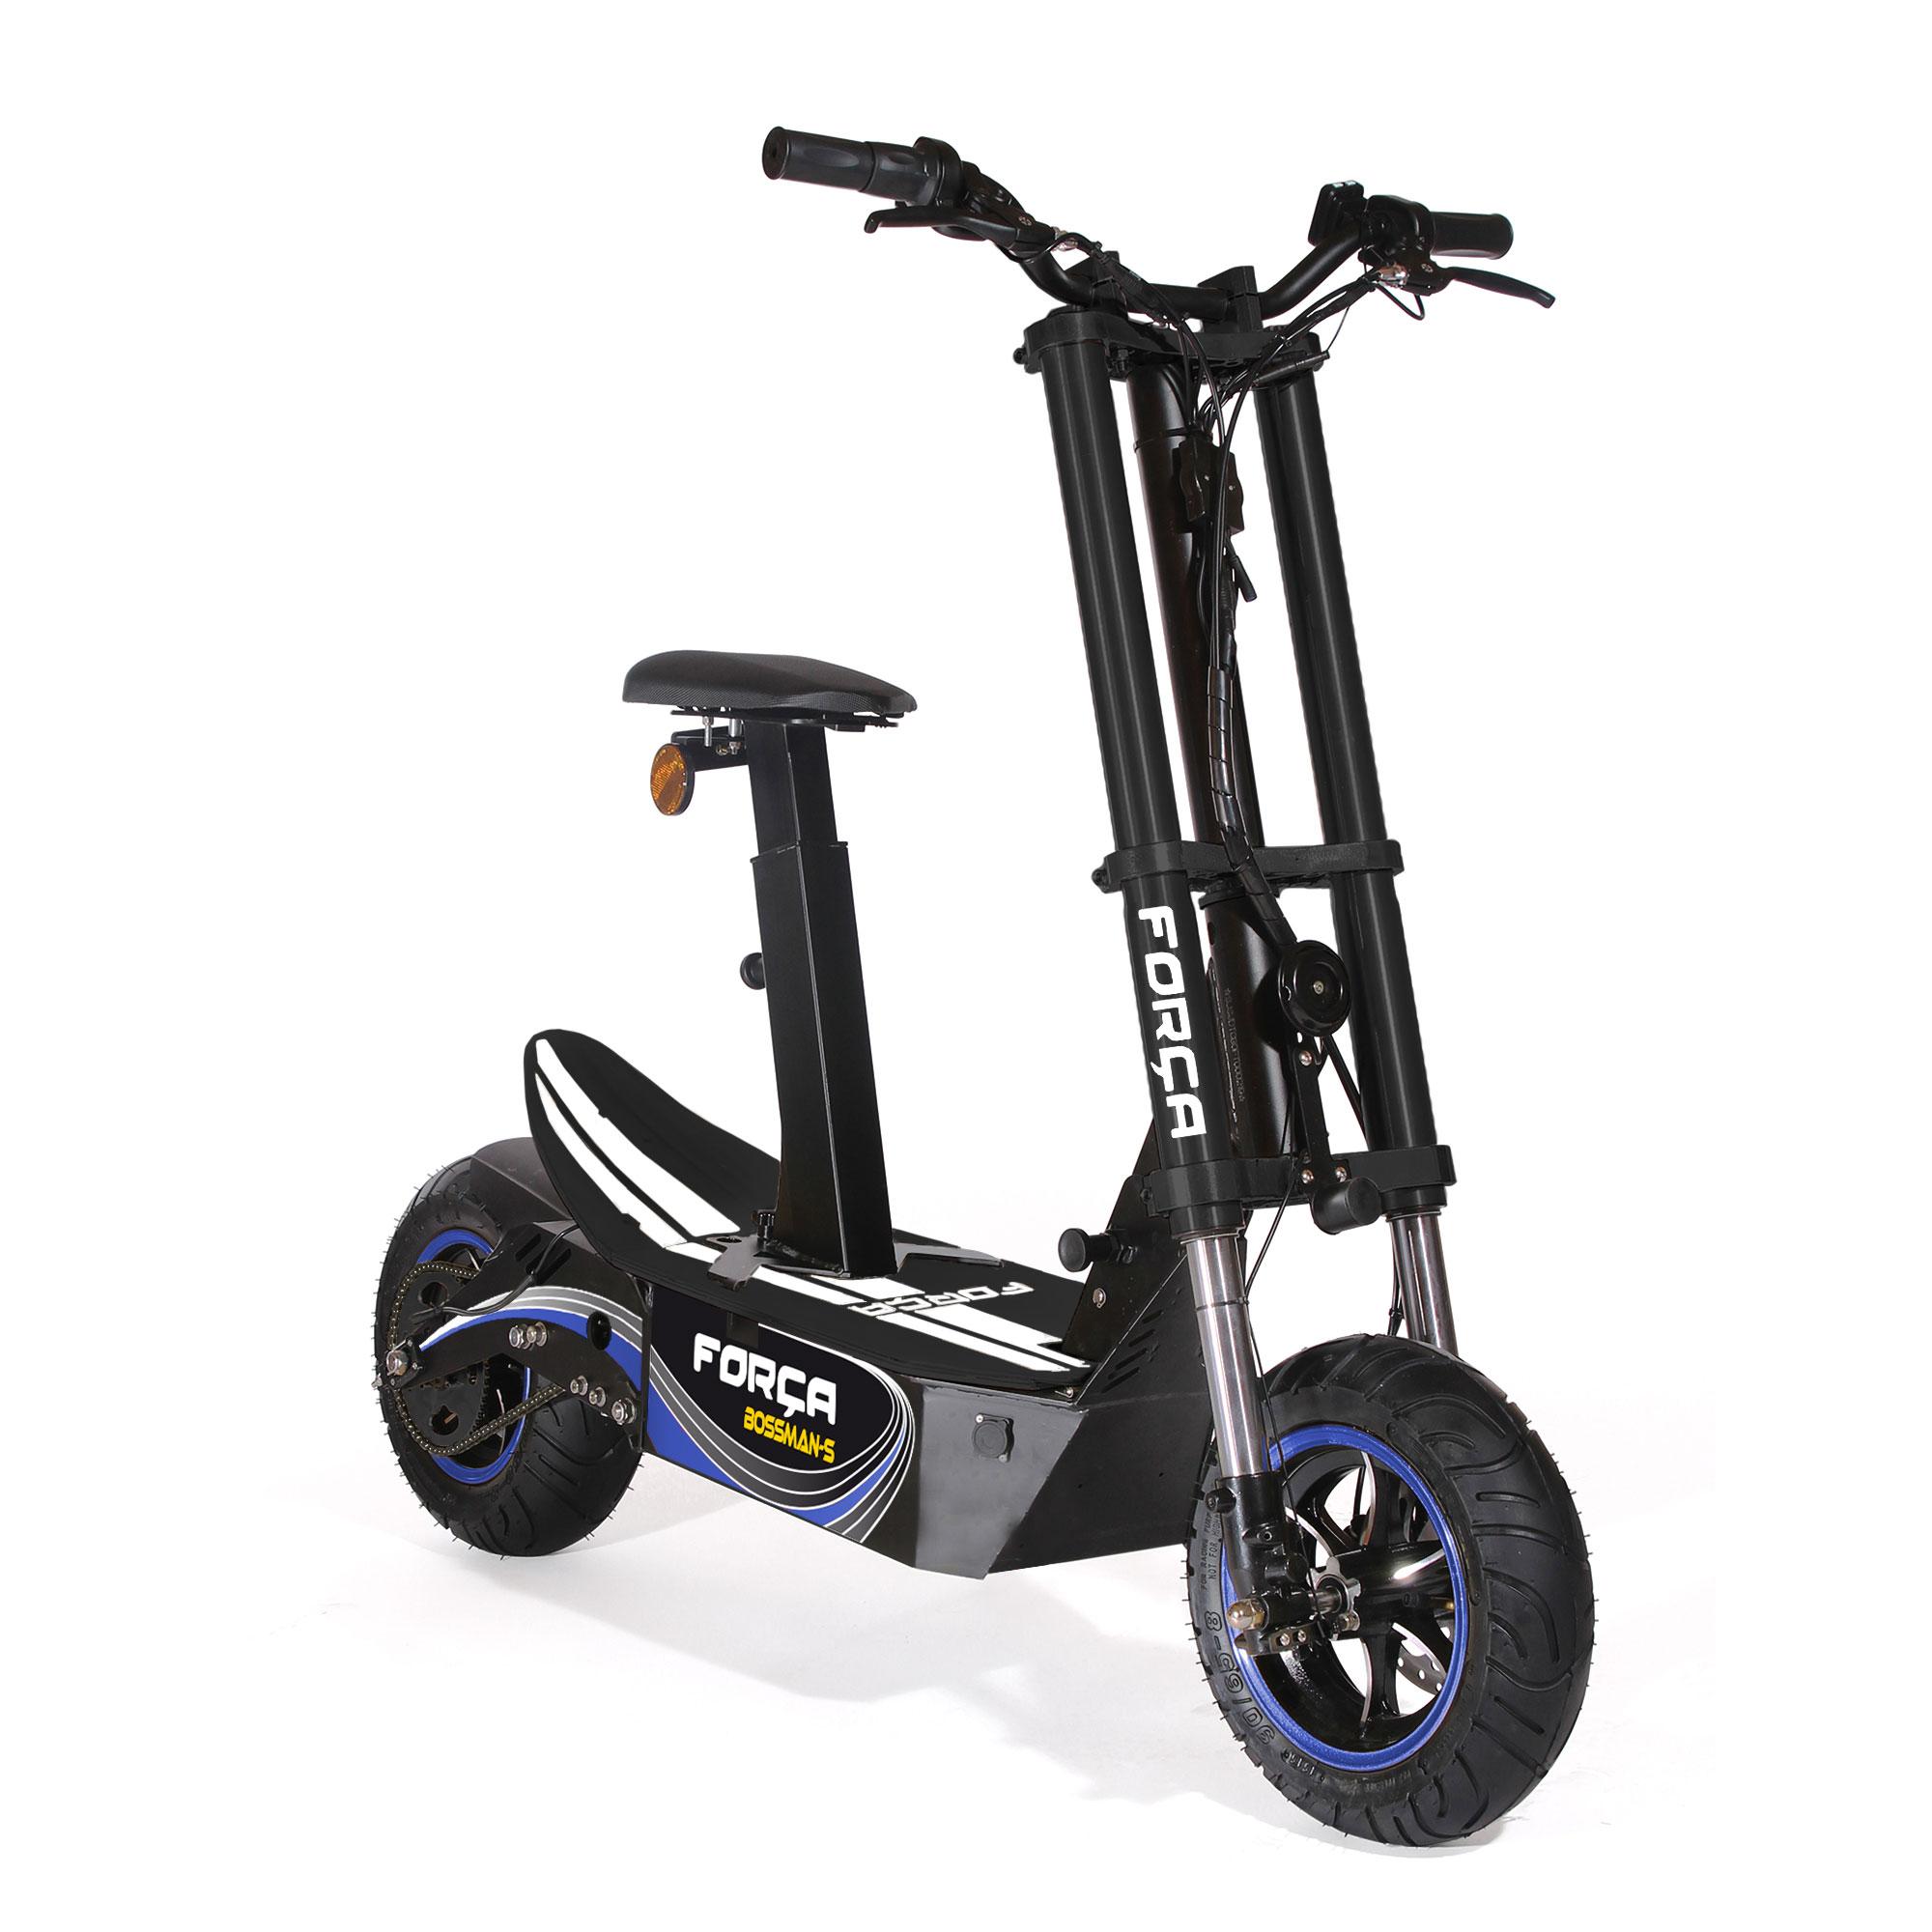 for a bossman s vgt 4 back 39 n 39 blue edition e scooter mit 48v 3000 watt bldc motor 18ah bleigel. Black Bedroom Furniture Sets. Home Design Ideas